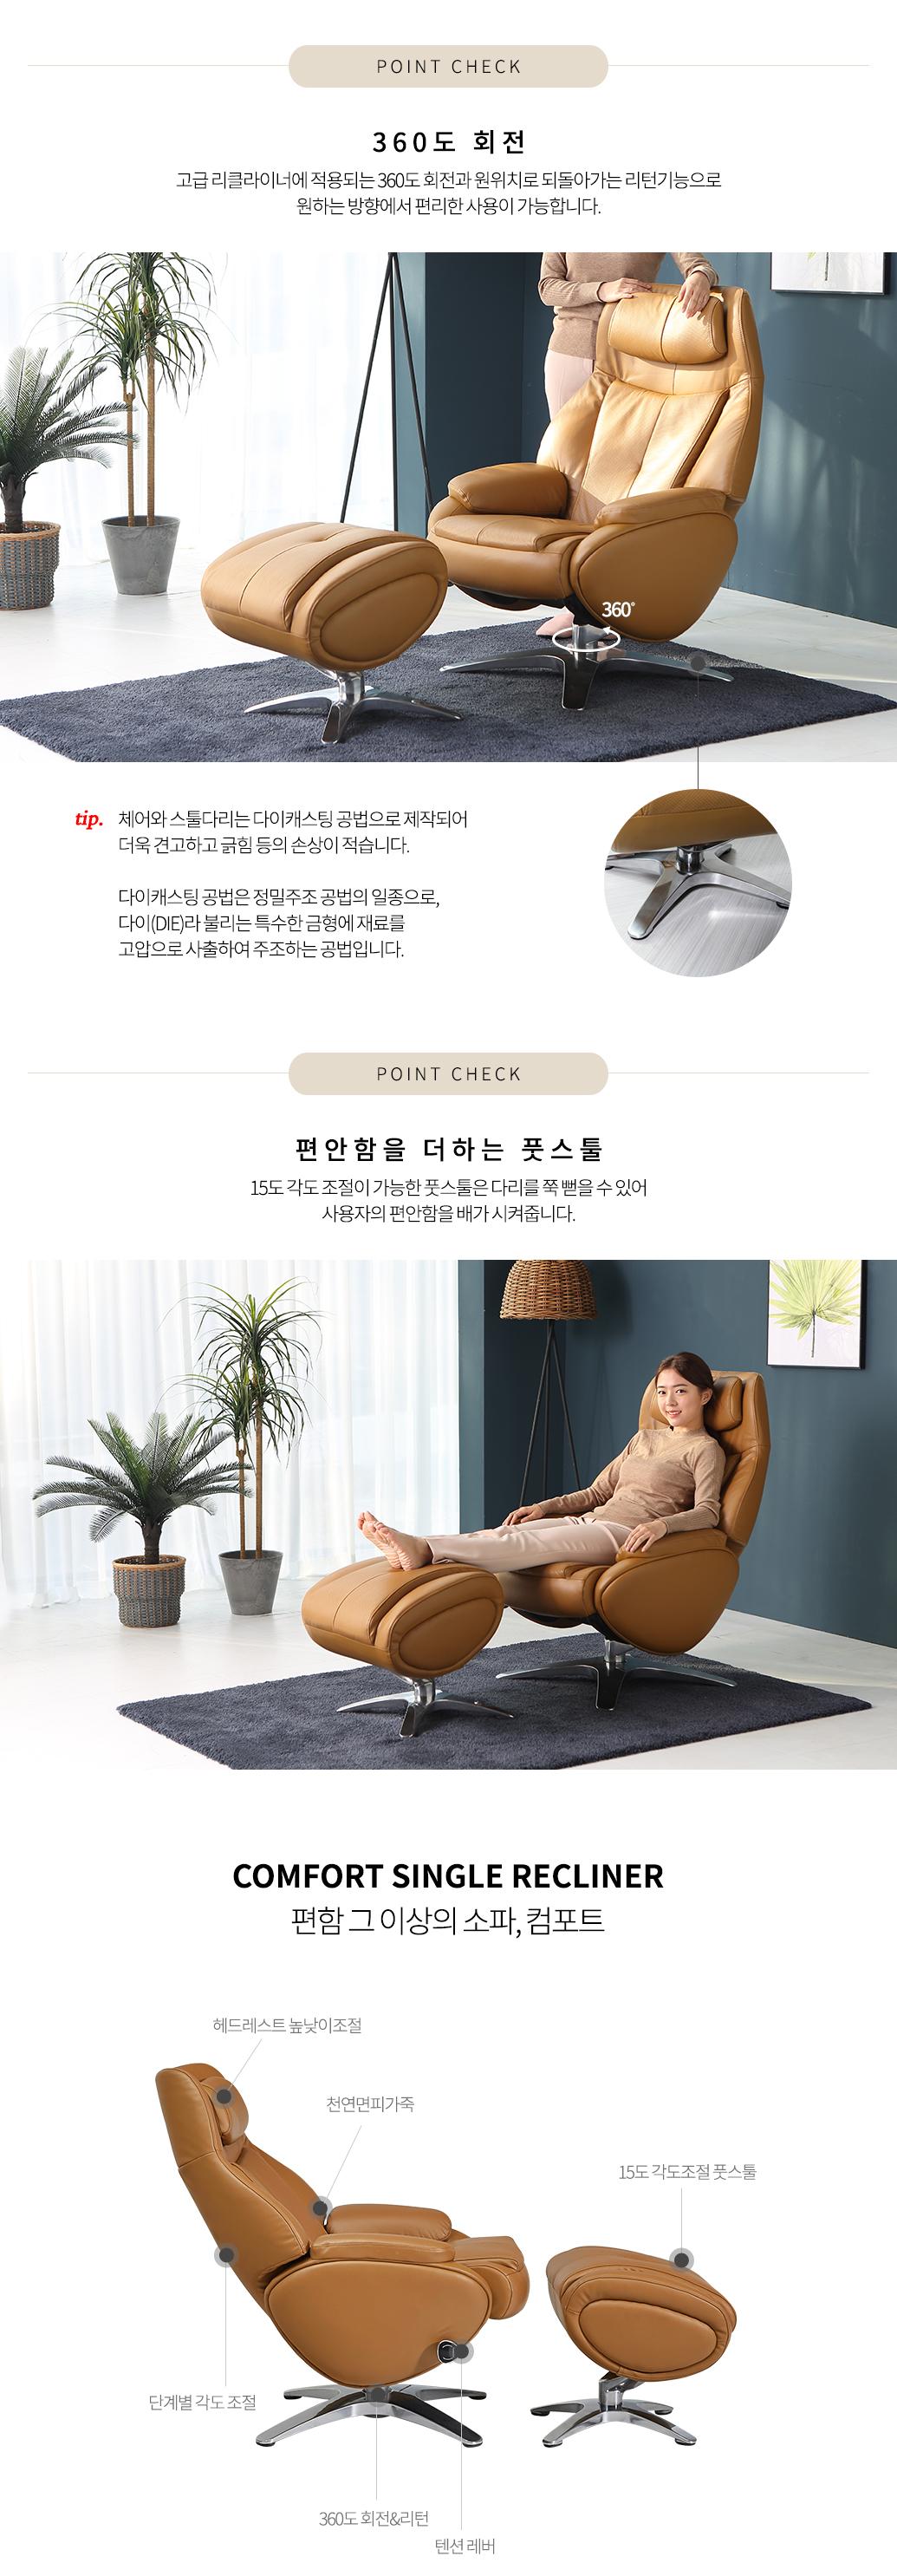 comfort_08.jpg